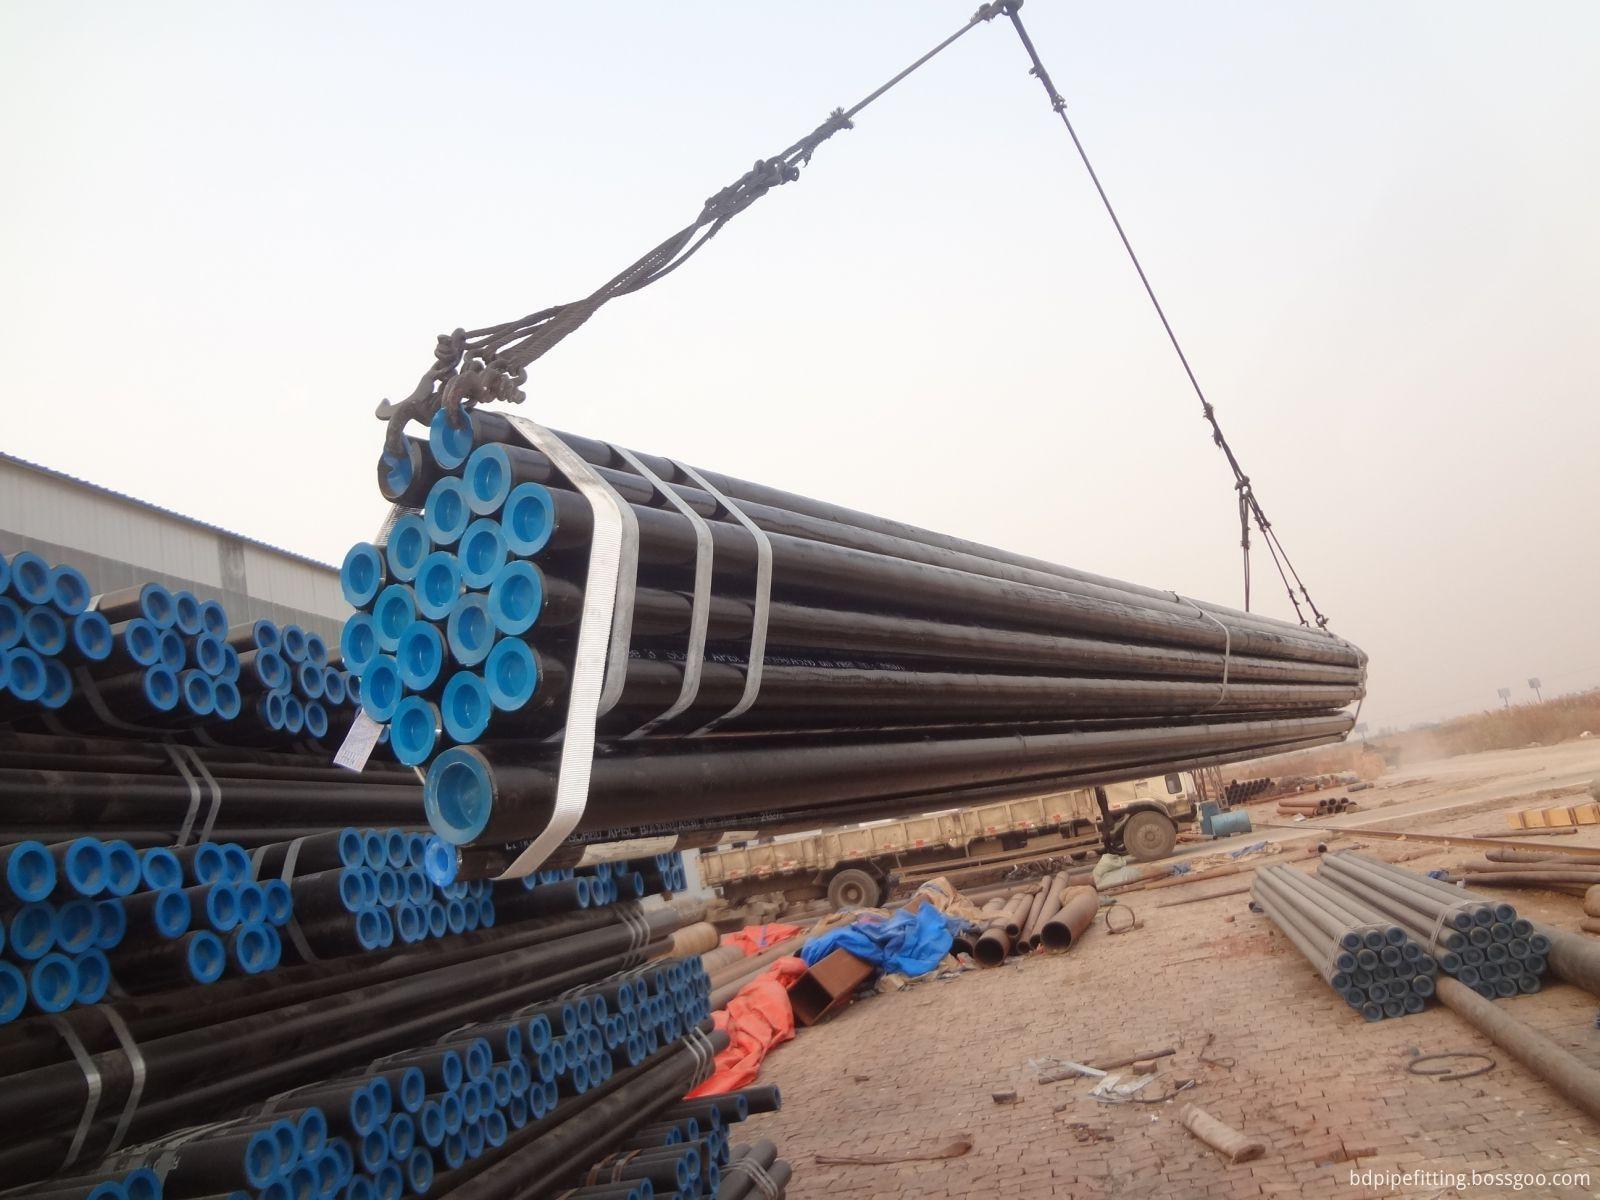 astm-a106-gr-b-carbon-steel-pipe-10-inch-sch-30-6m